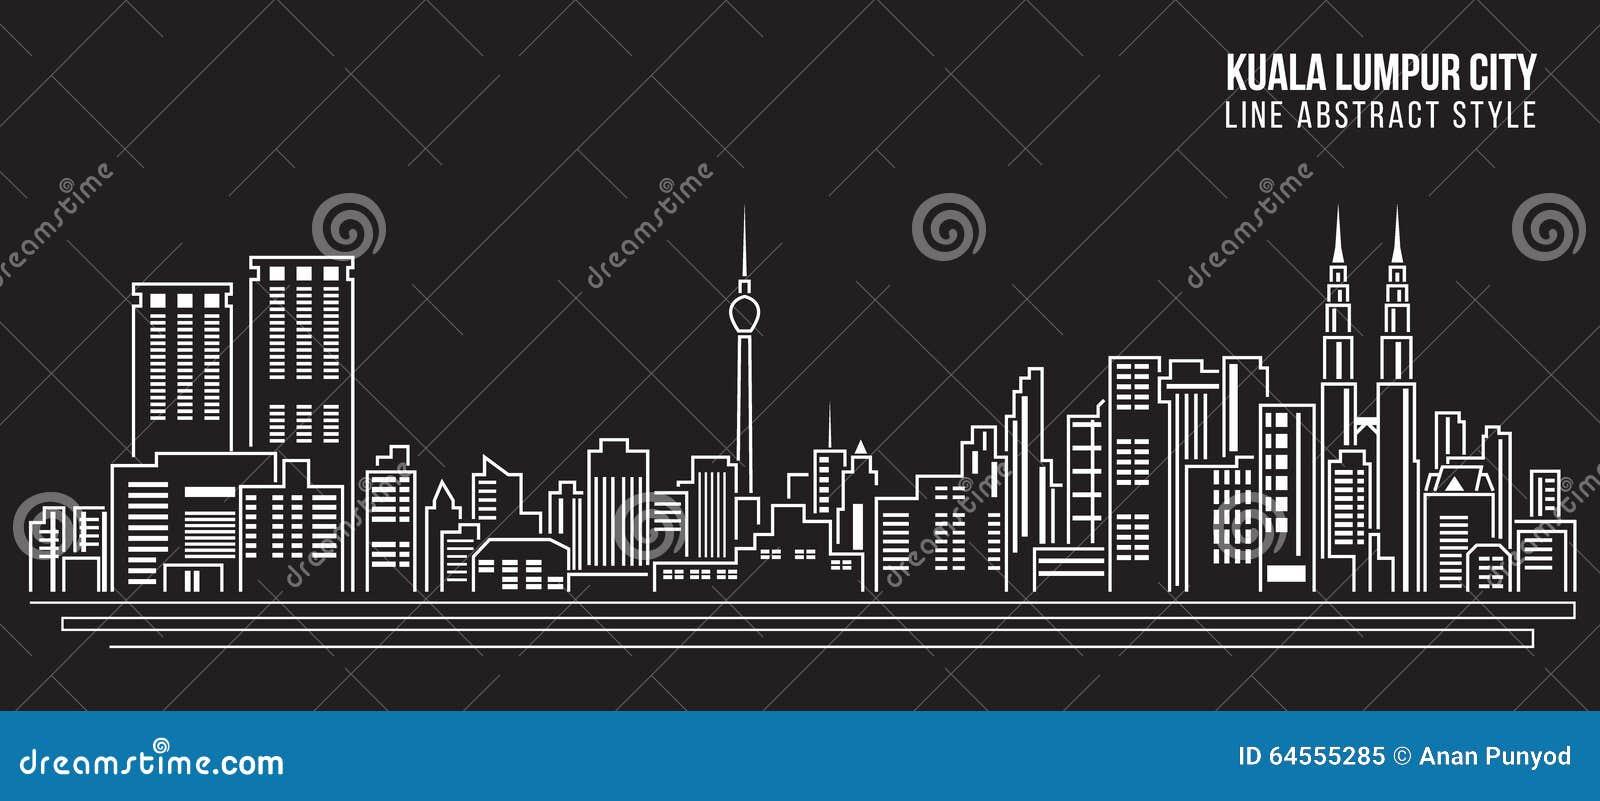 Διανυσματικό σχέδιο απεικόνισης τέχνης γραμμών κτηρίου εικονικής παράστασης πόλης - πόλη της Κουάλα Λουμπούρ